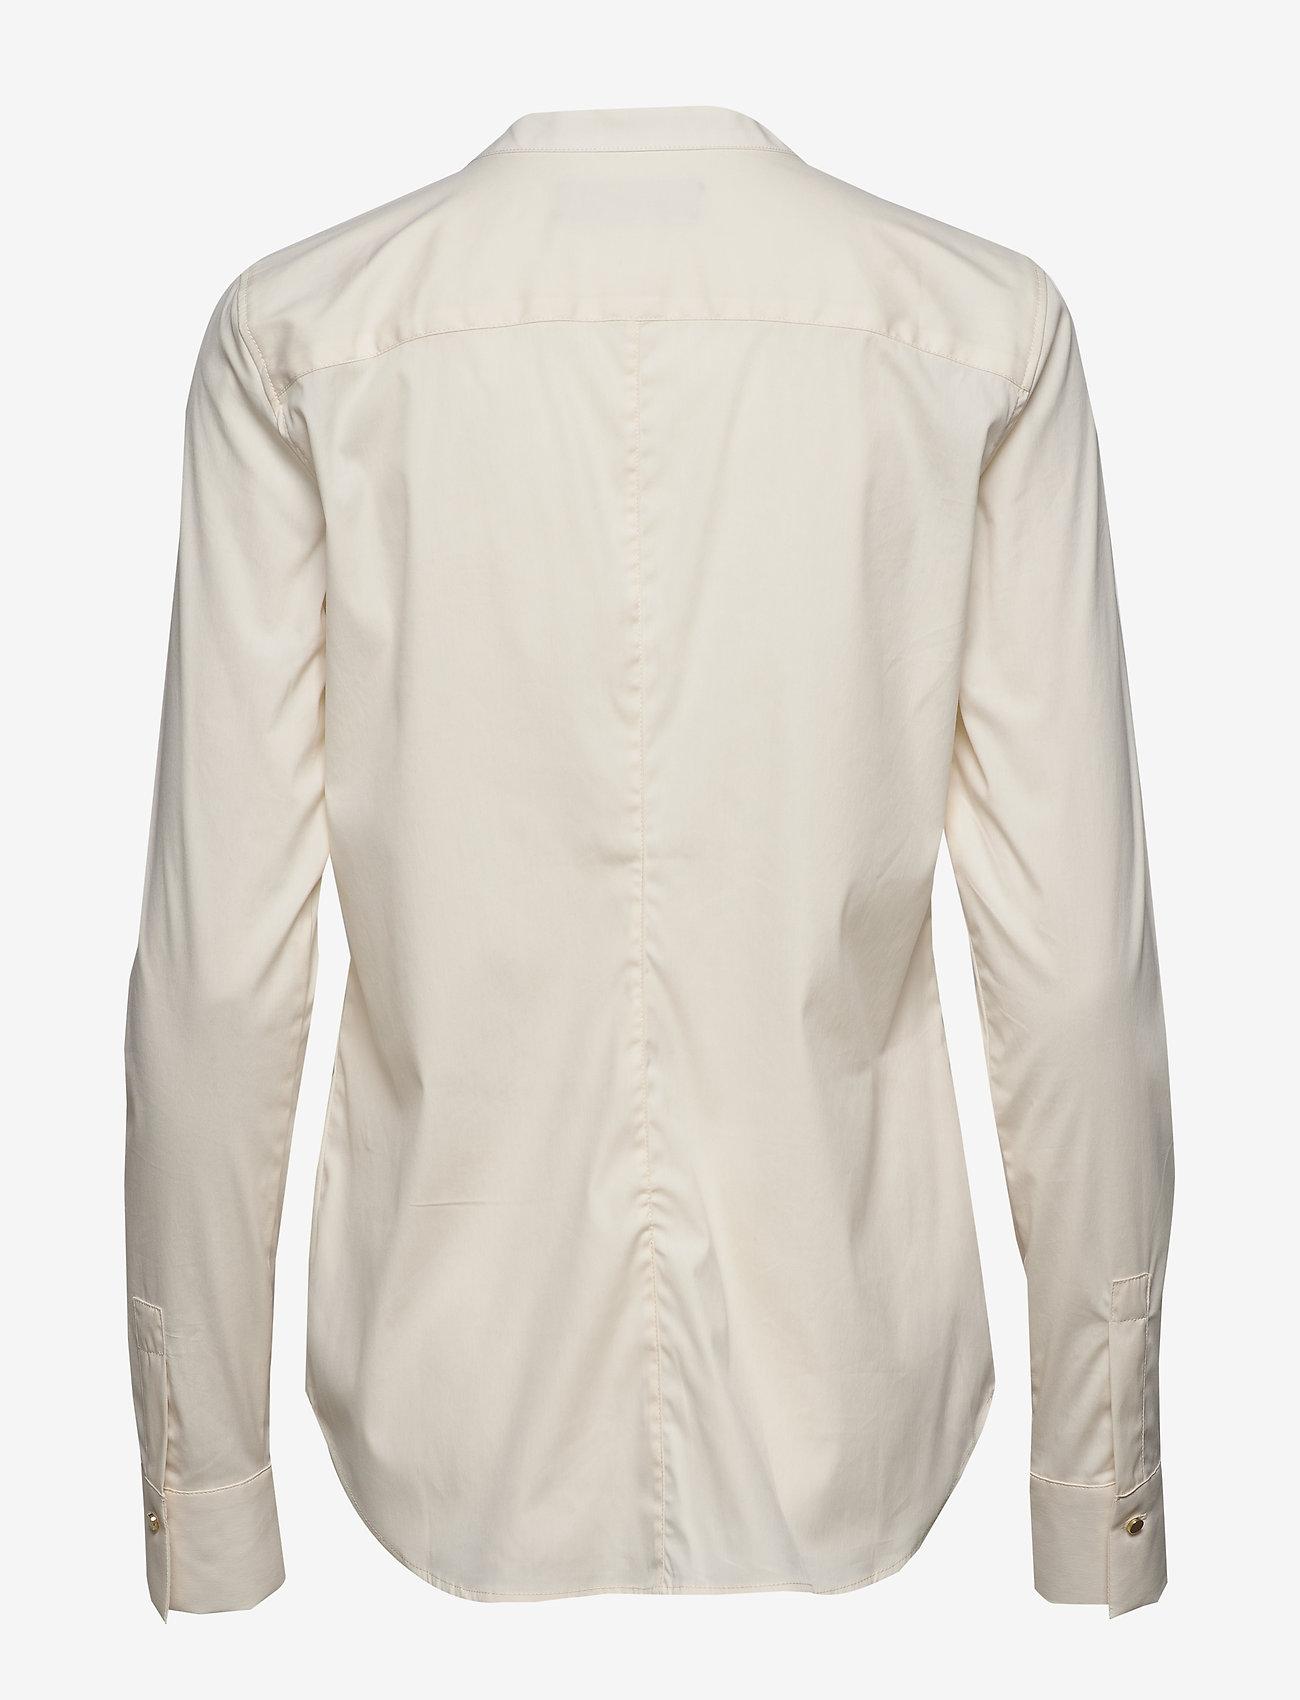 MOS MOSH Maggie Golden Shirt - Bluzki & Koszule ECRU - Kobiety Odzież.